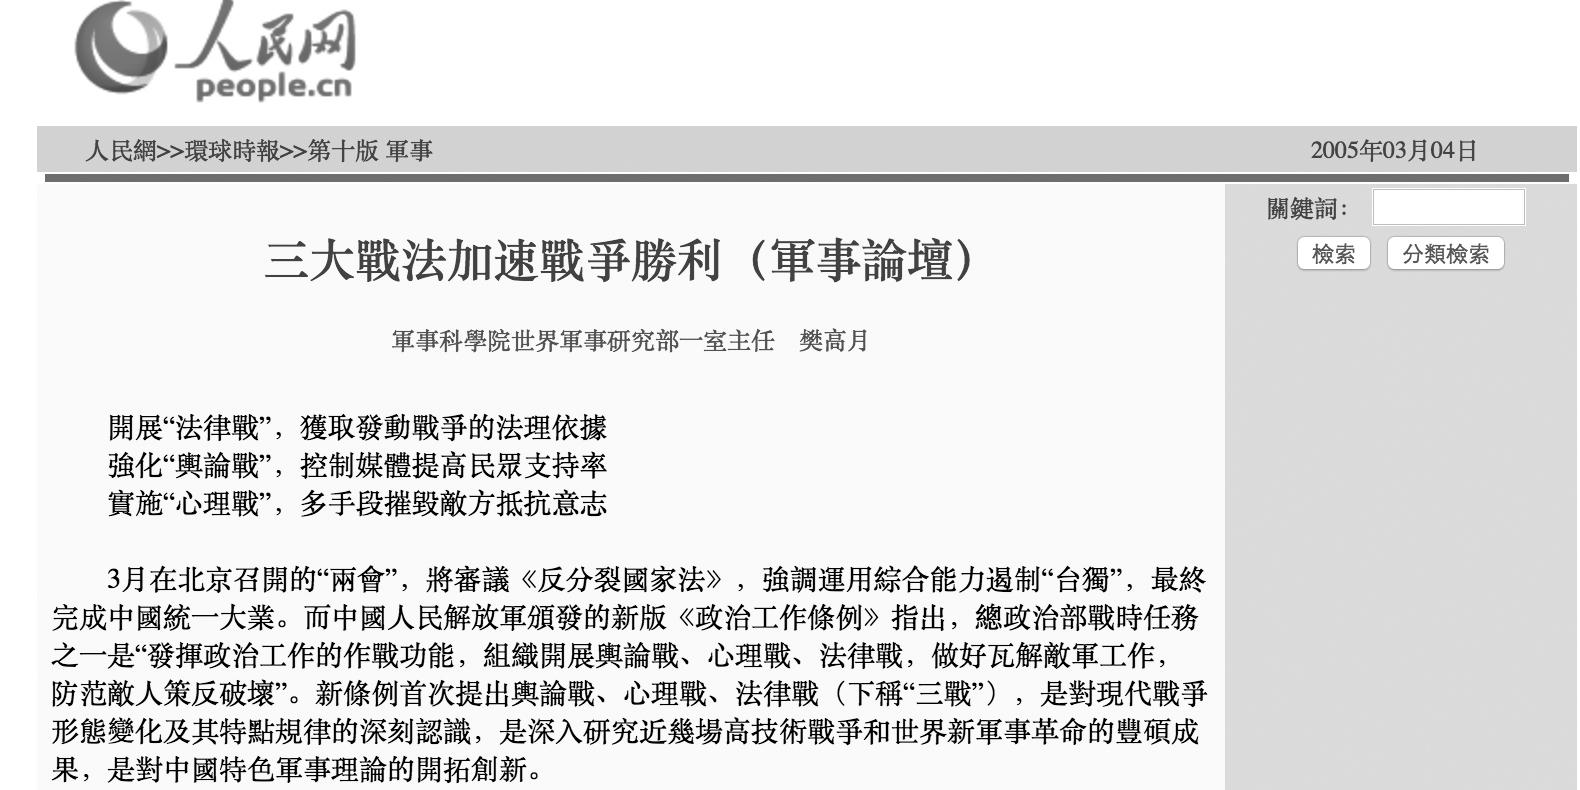 2005年3月中共黨媒《人民日報》網路版「人民網」發表文章,強調「三戰」的重要性。(網頁擷圖)